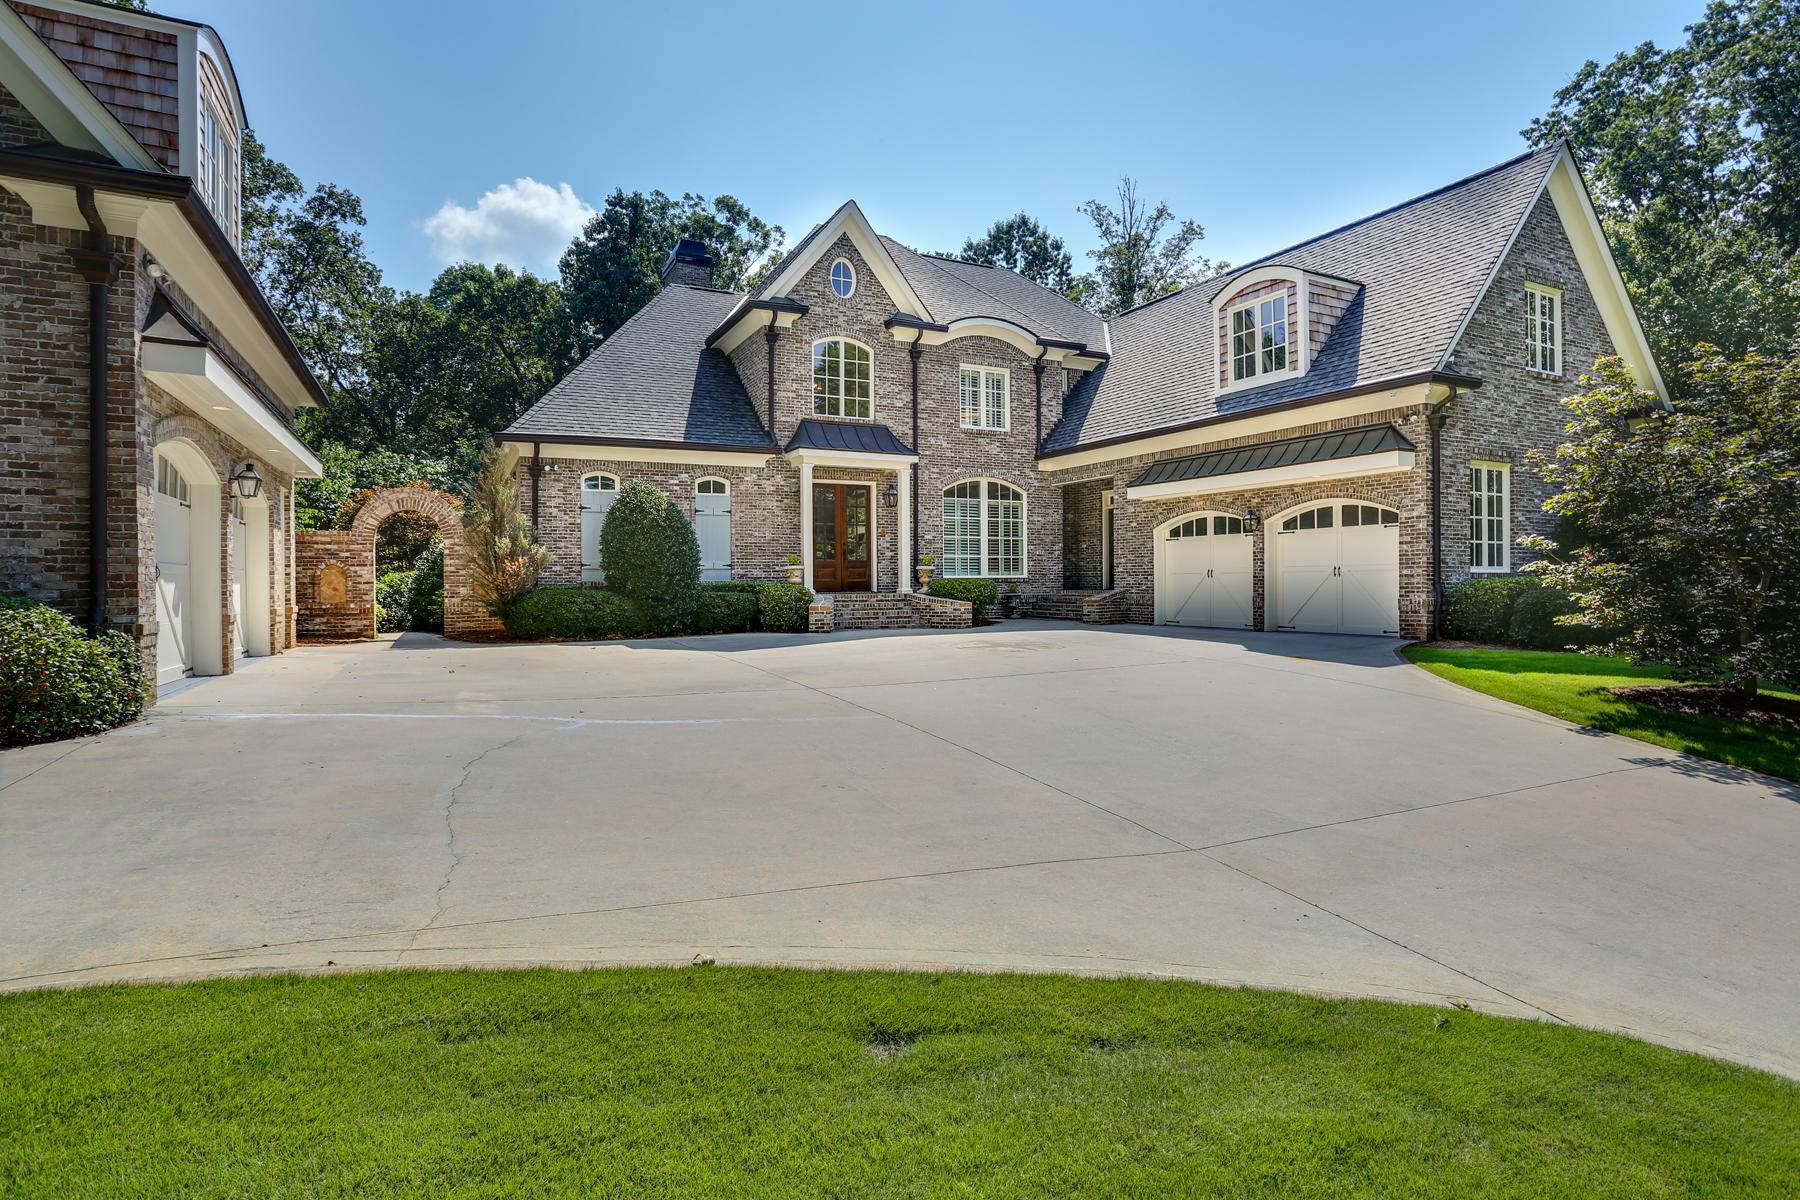 Частный односемейный дом для того Продажа на Elegant, Gated Sandy Springs Renovation 5575 Mount Vernon Parkway Atlanta, Джорджия, 30327 Соединенные Штаты